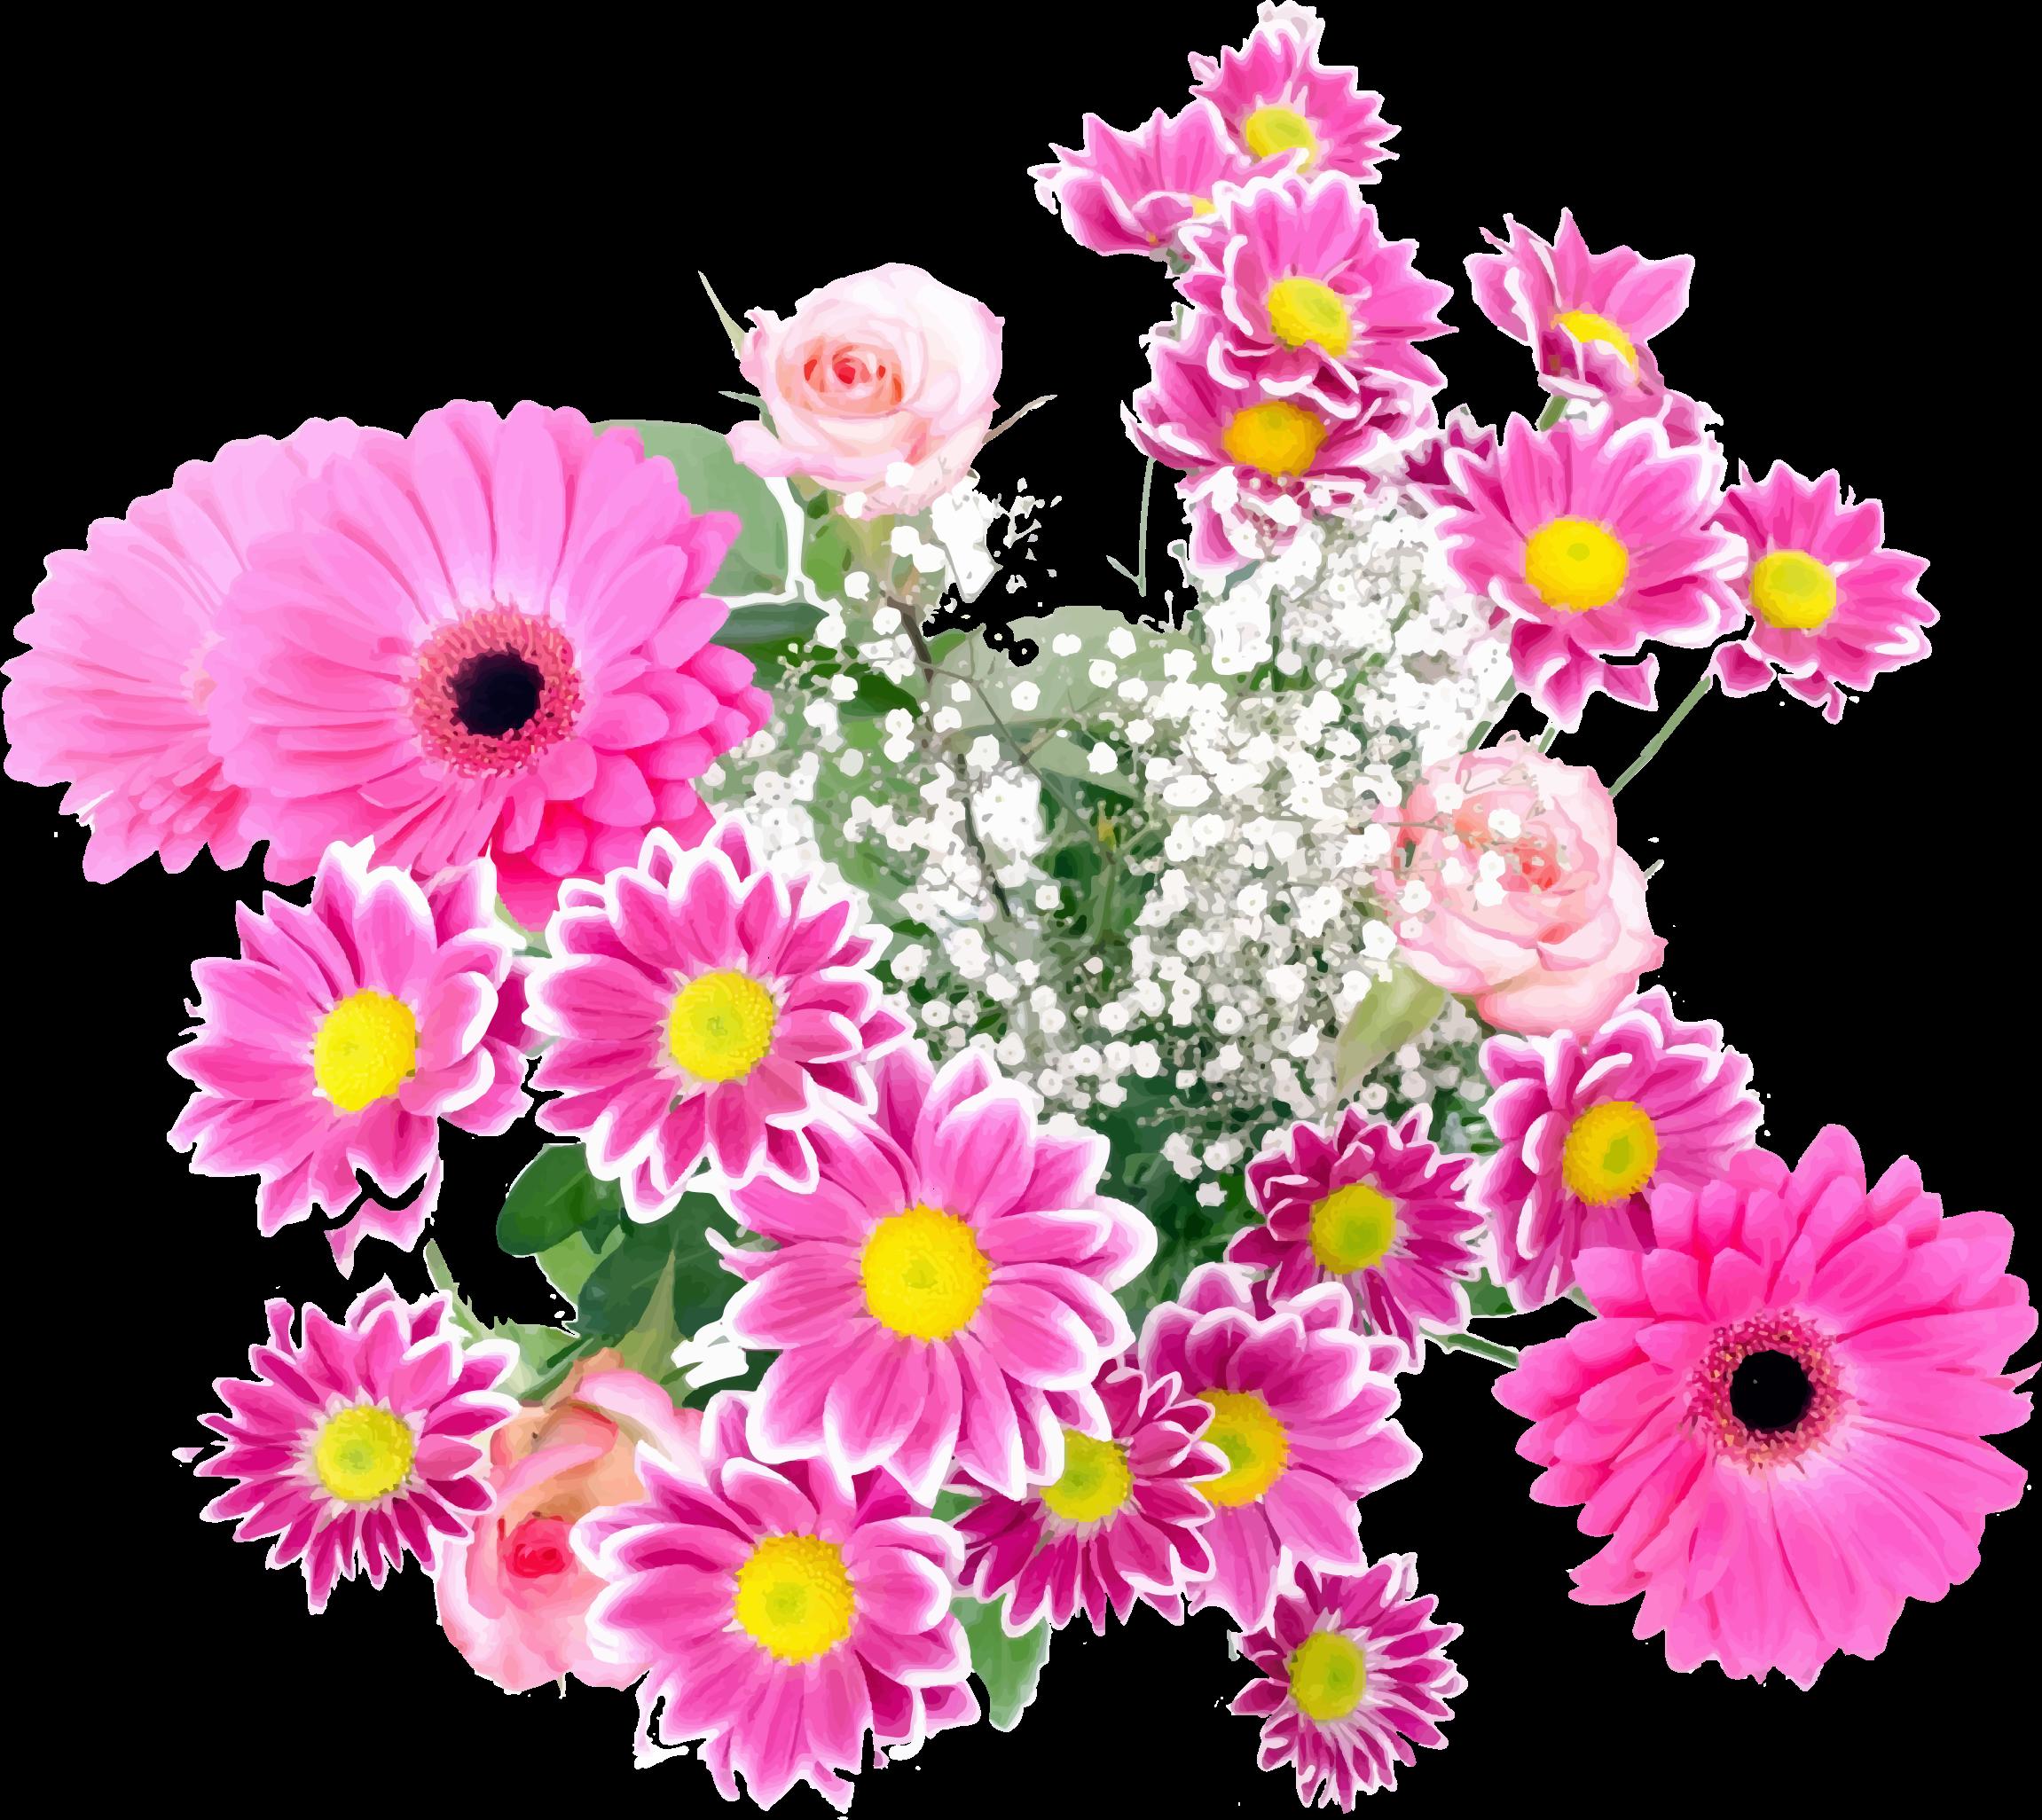 Flower arrangement png. Clipart big image